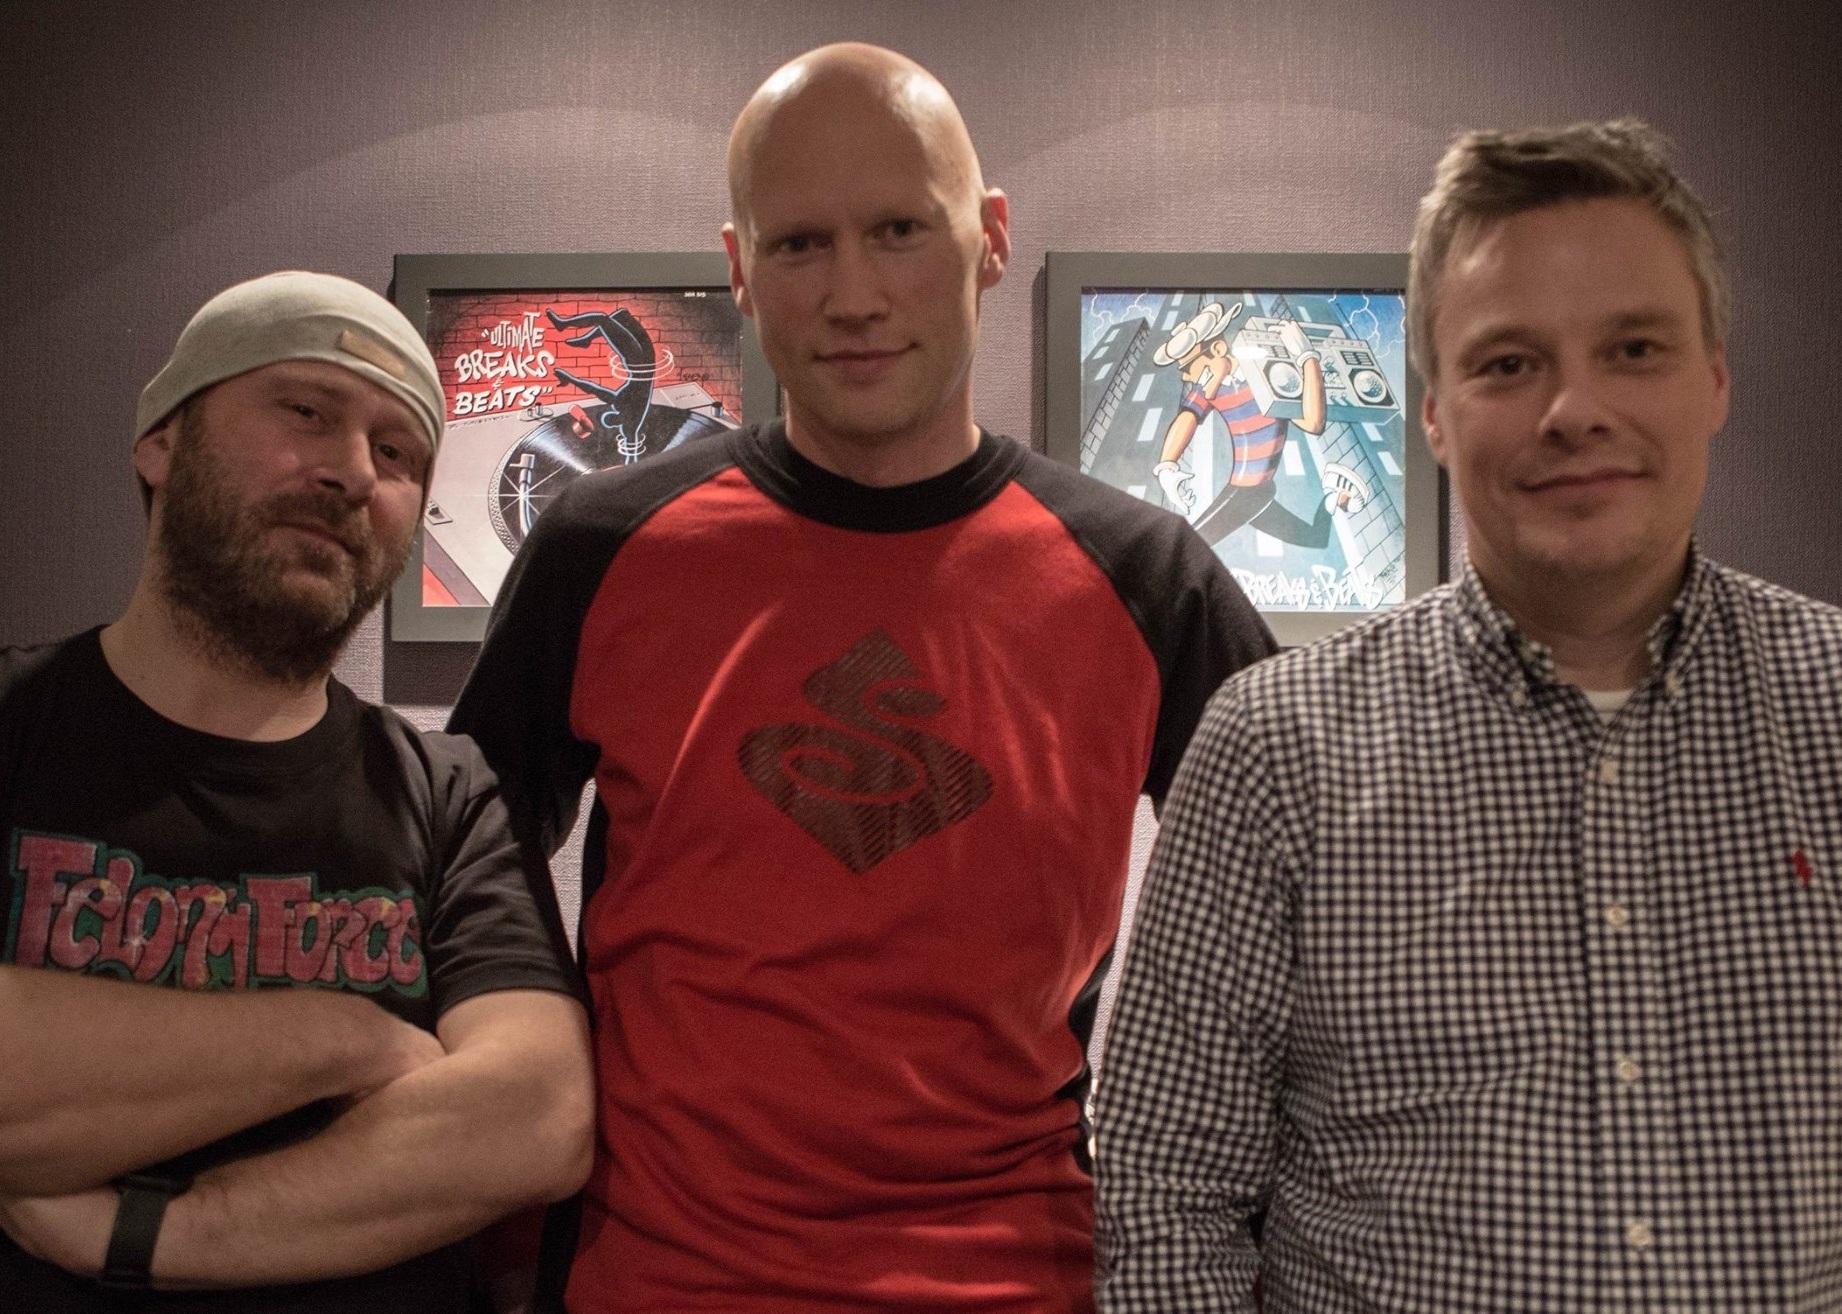 FELONY FORCE - Felony Force består av Rune Mareliussen (2 B Nice), Vebjørn Remme (DJ Vee) og Bjørn Roger Vindvik (TMC). De startet opp på 80-tallet som DJs.Singelen